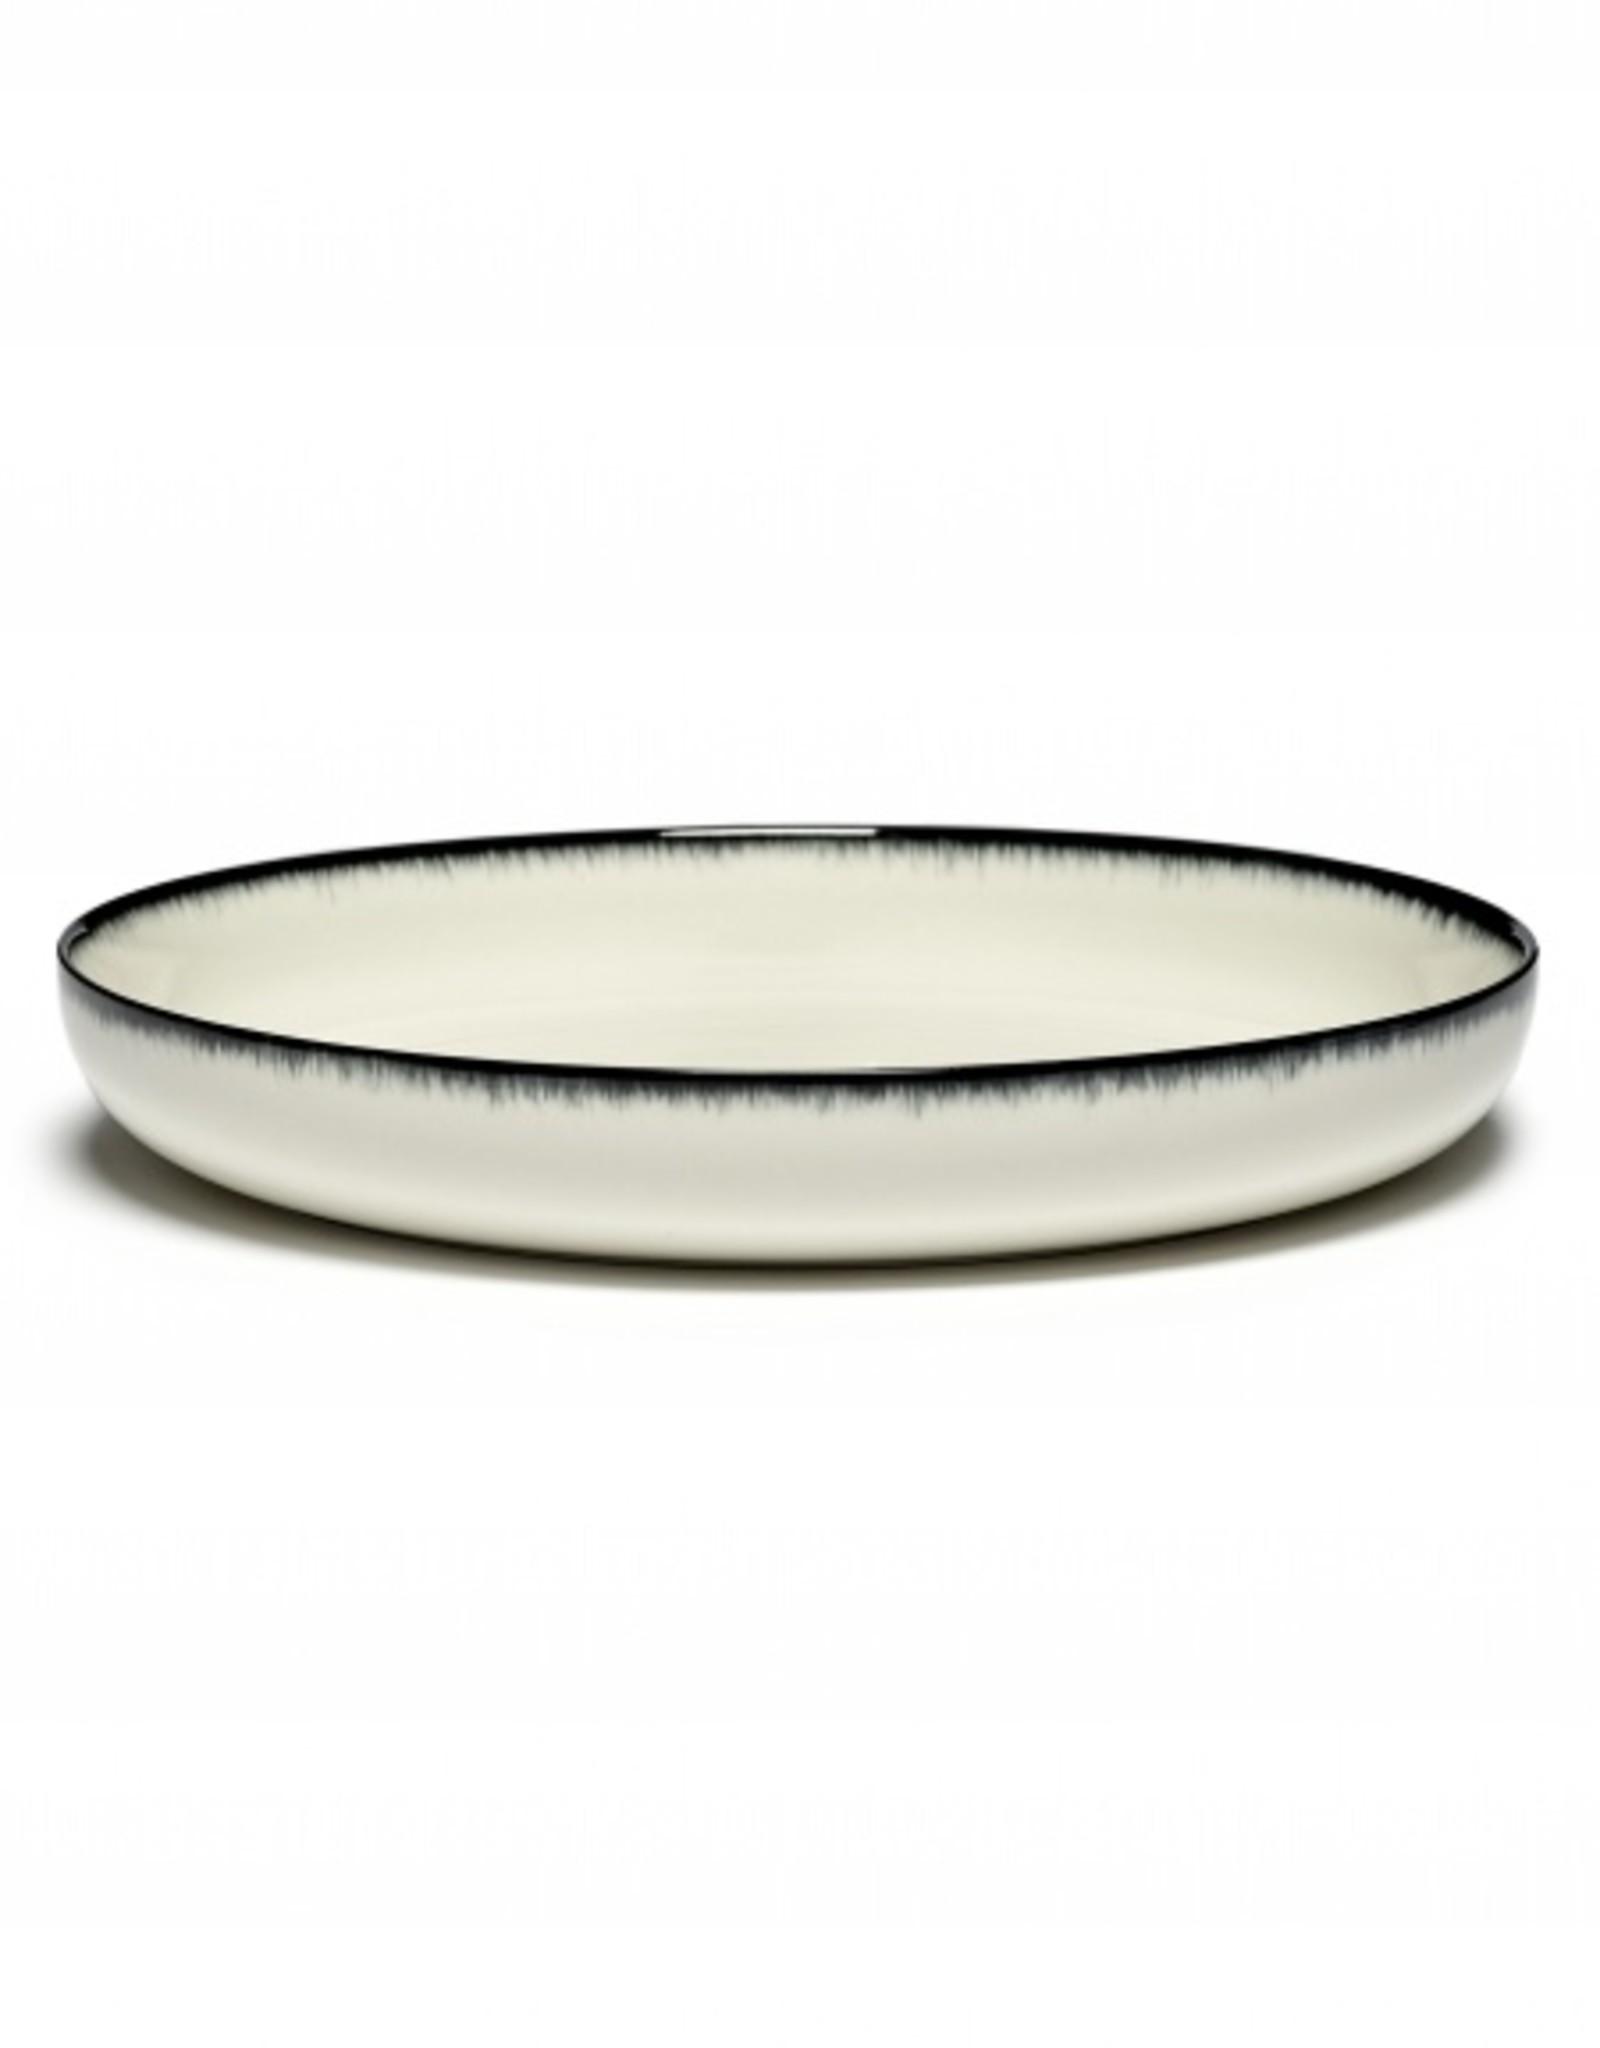 Ann demeulemeester Ann Demeulemeester for serax High plate D27 white-black A